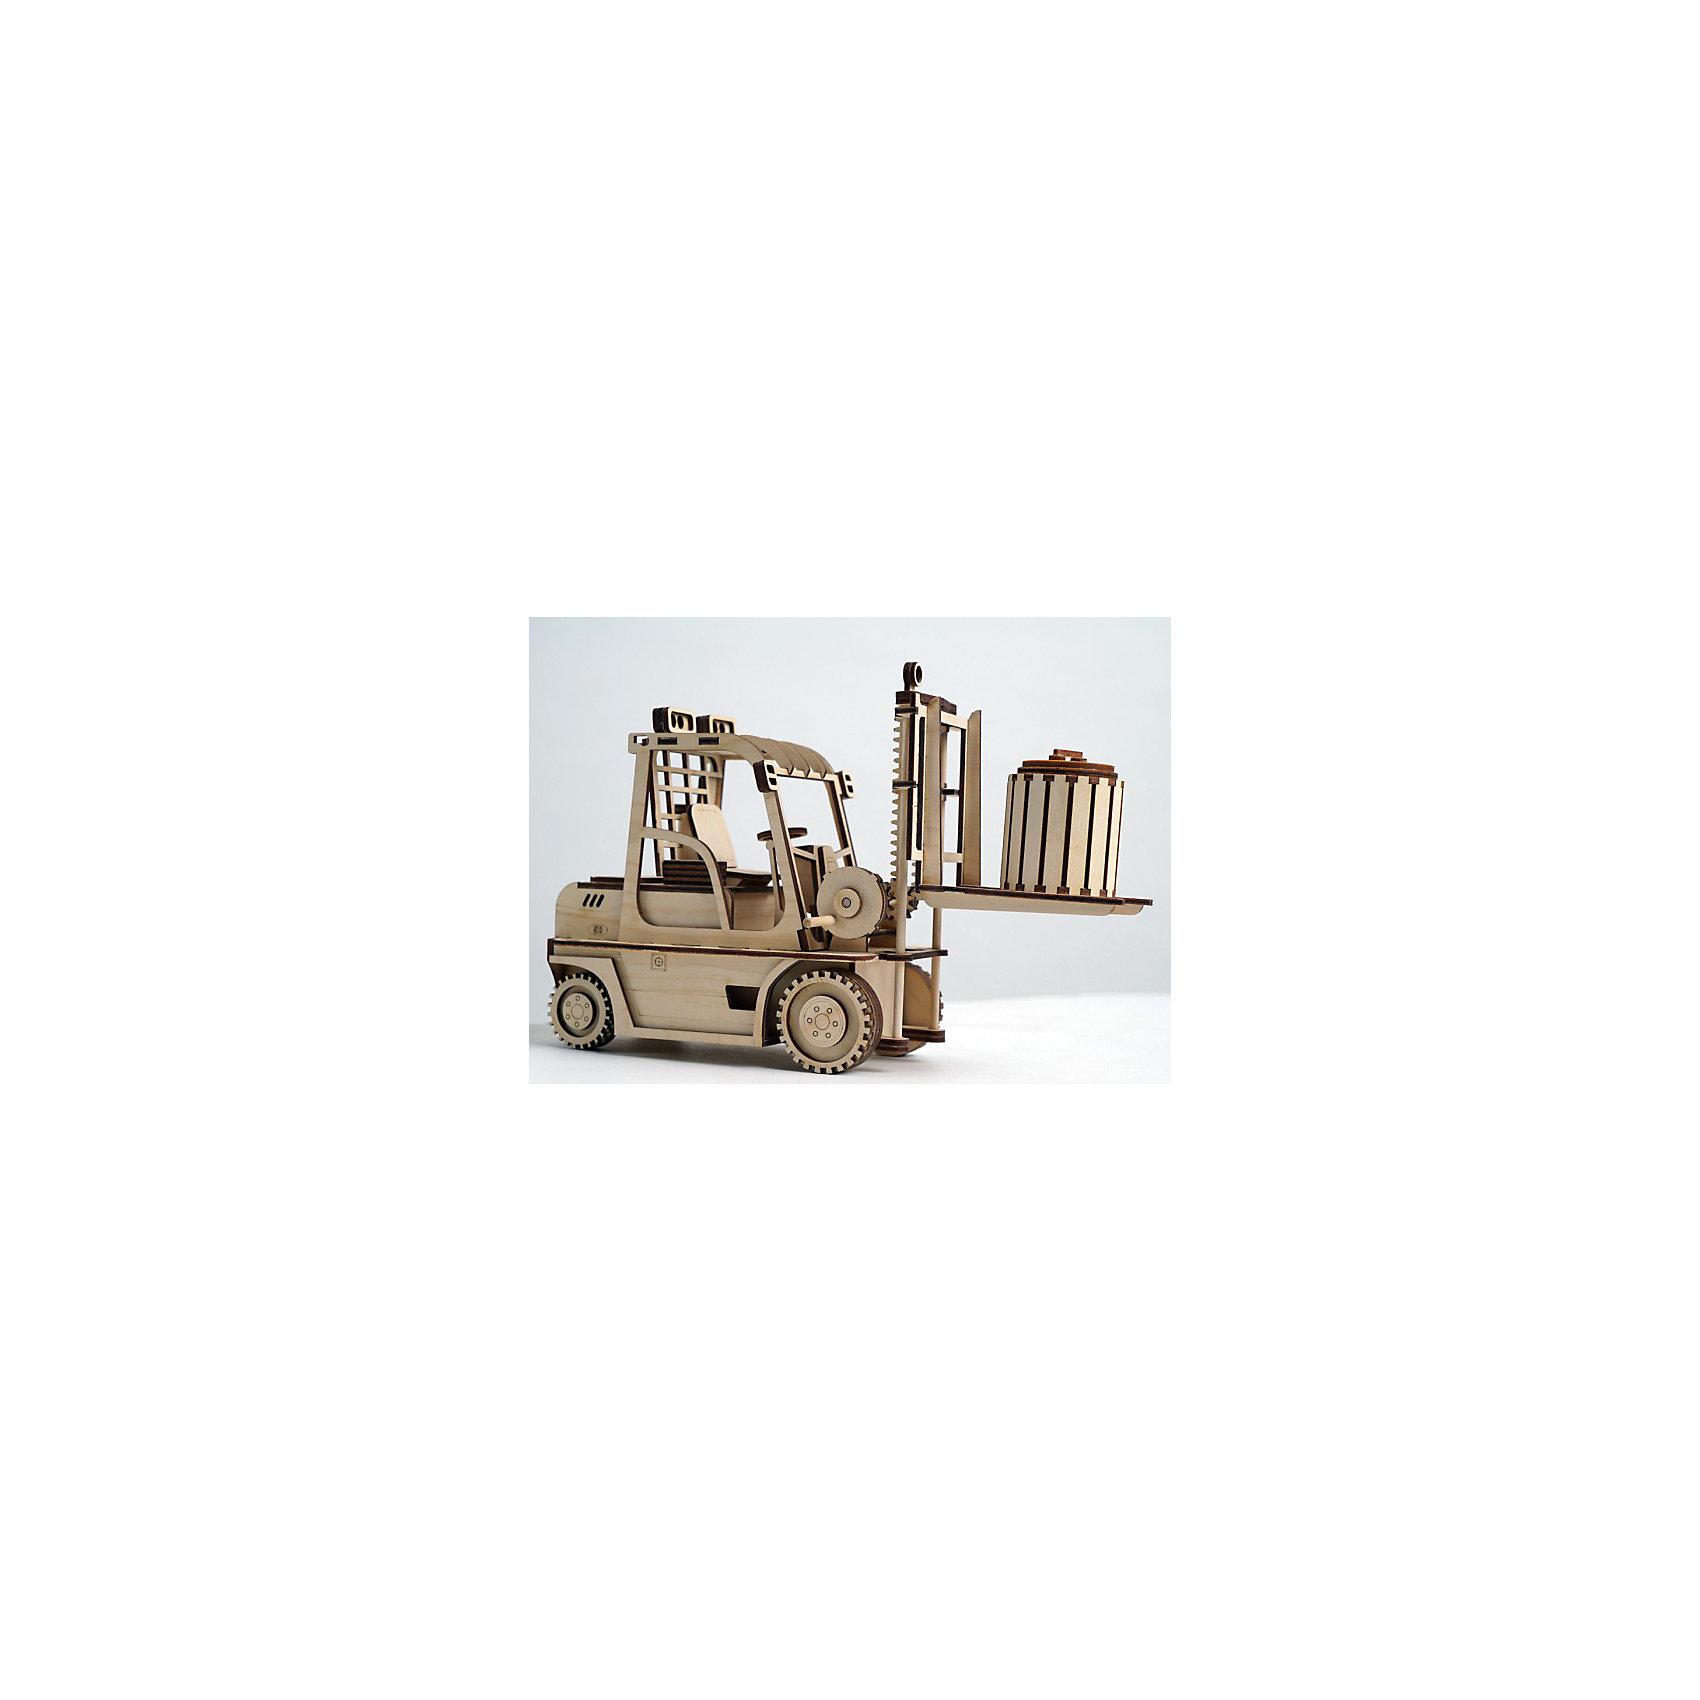 Деревянный  3D конструктор подвижный Погрузчик, LemmoДеревянные конструкторы<br>Характеристики товара:<br><br>• количество деталей: 123;<br>• в комплекте: детали, клей ПВА, наждачная бумага, инструкция;<br>• материал: дерево;<br>• размер упаковки: 16,5х10,5х28,5см;<br>• вес: 350 грамм;<br>• возраст: от 5 лет.<br>• страна производства: Россия<br><br>С помощью деревянного конструктора Lemmo мальчик сможет собрать красивую игрушку своими руками. Конструктор подходит для детей от 5 лет. Дети старше 7 лет смогут справиться со сборкой самостоятельно, без помощи родителей. Если ребенок правильно соединит детали, получится уменьшенная копия погрузчика. Проявив фантазию, юный строитель сможет раскрасить фигурку гуашью или акриловыми красками. Погрузчик хорошо ездит по любой поверхности и имеет подвижные элементы: открывающиеся дверцы, подвижные колеса и грузовая платформа.<br><br>В комплект входят 123 детали для сборки, клей ПВА, наждачная бумага и наглядная инструкция. Детали изготовлены из экологически чистой древесины с приятным древесным ароматом. Игра с 3D конструктором развивает моторику рук, пространственное и логическое мышление.<br><br>Деревянный  3D конструктор подвижный Погрузчик, Lemmo (Леммо) можно купить в нашем интернет-магазине.<br><br>Ширина мм: 285<br>Глубина мм: 105<br>Высота мм: 165<br>Вес г: 350<br>Возраст от месяцев: 60<br>Возраст до месяцев: 2147483647<br>Пол: Мужской<br>Возраст: Детский<br>SKU: 6918929